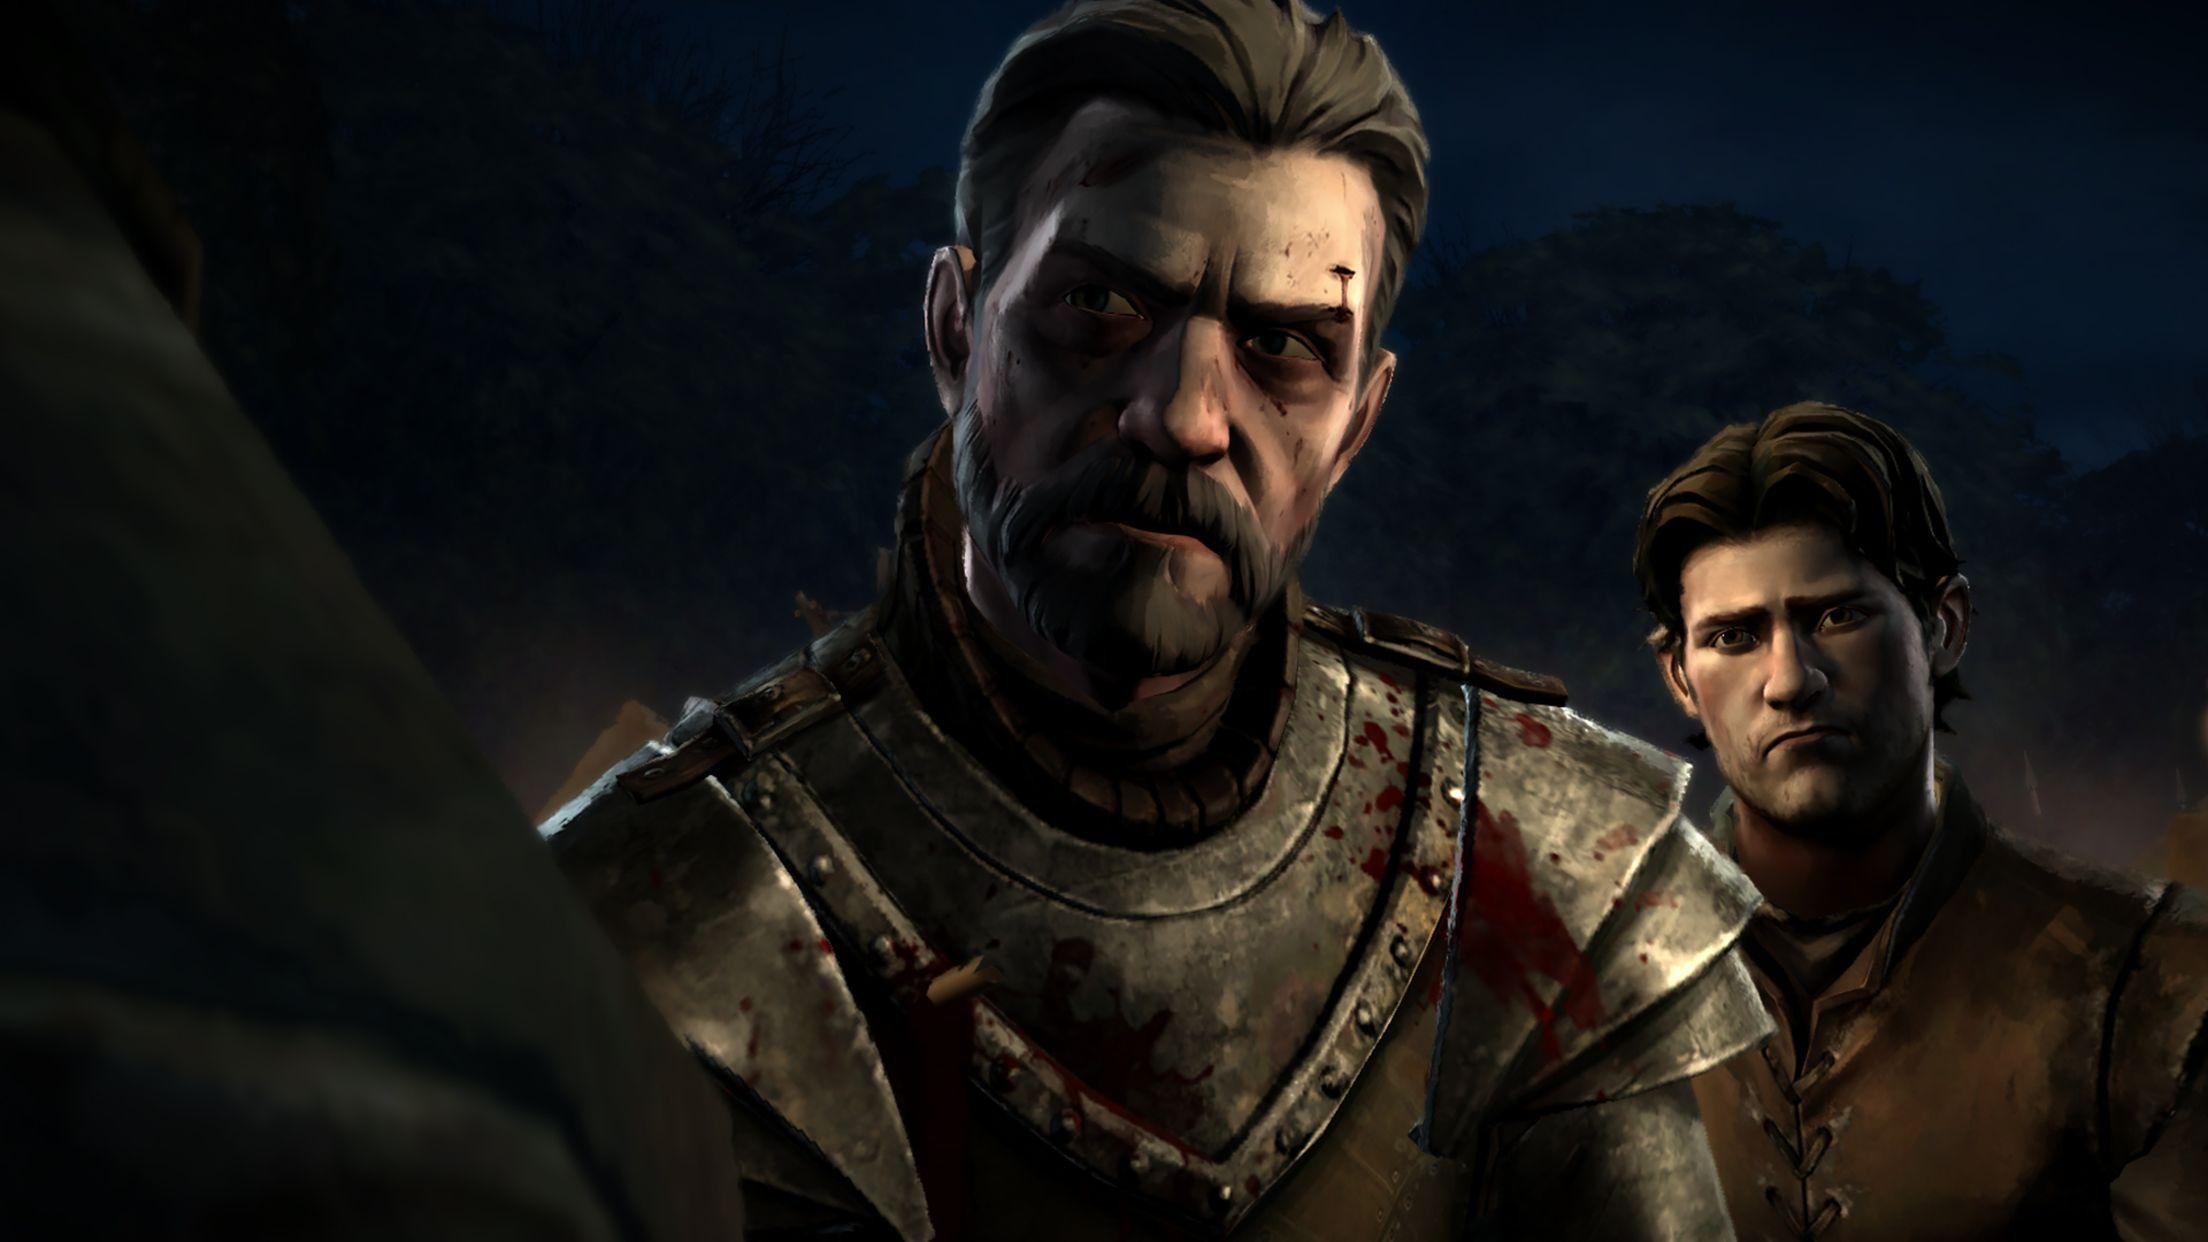 BadLand Games ha confirmado la fecha de salida para Game of Thrones: A Telltale Games Series, fijada para el próximo 20 de noviembre.